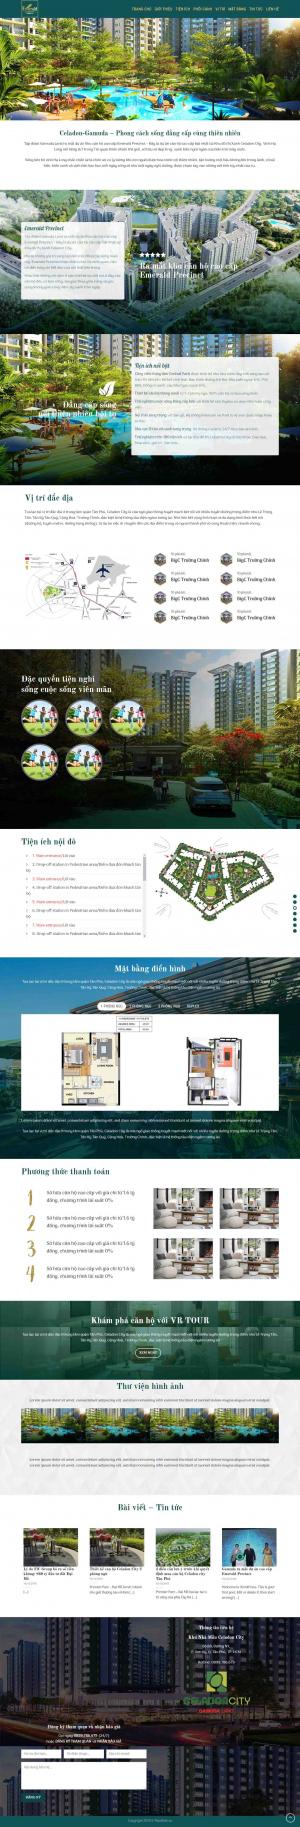 Mẫu giao diện thiết kế web bất động sản giá rẻ